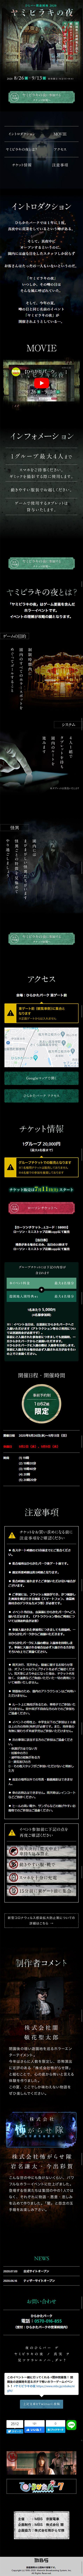 京阪レジャーサービス様の「ひらパー闇遊園地2020ヤミビラキ」のスマホ ...